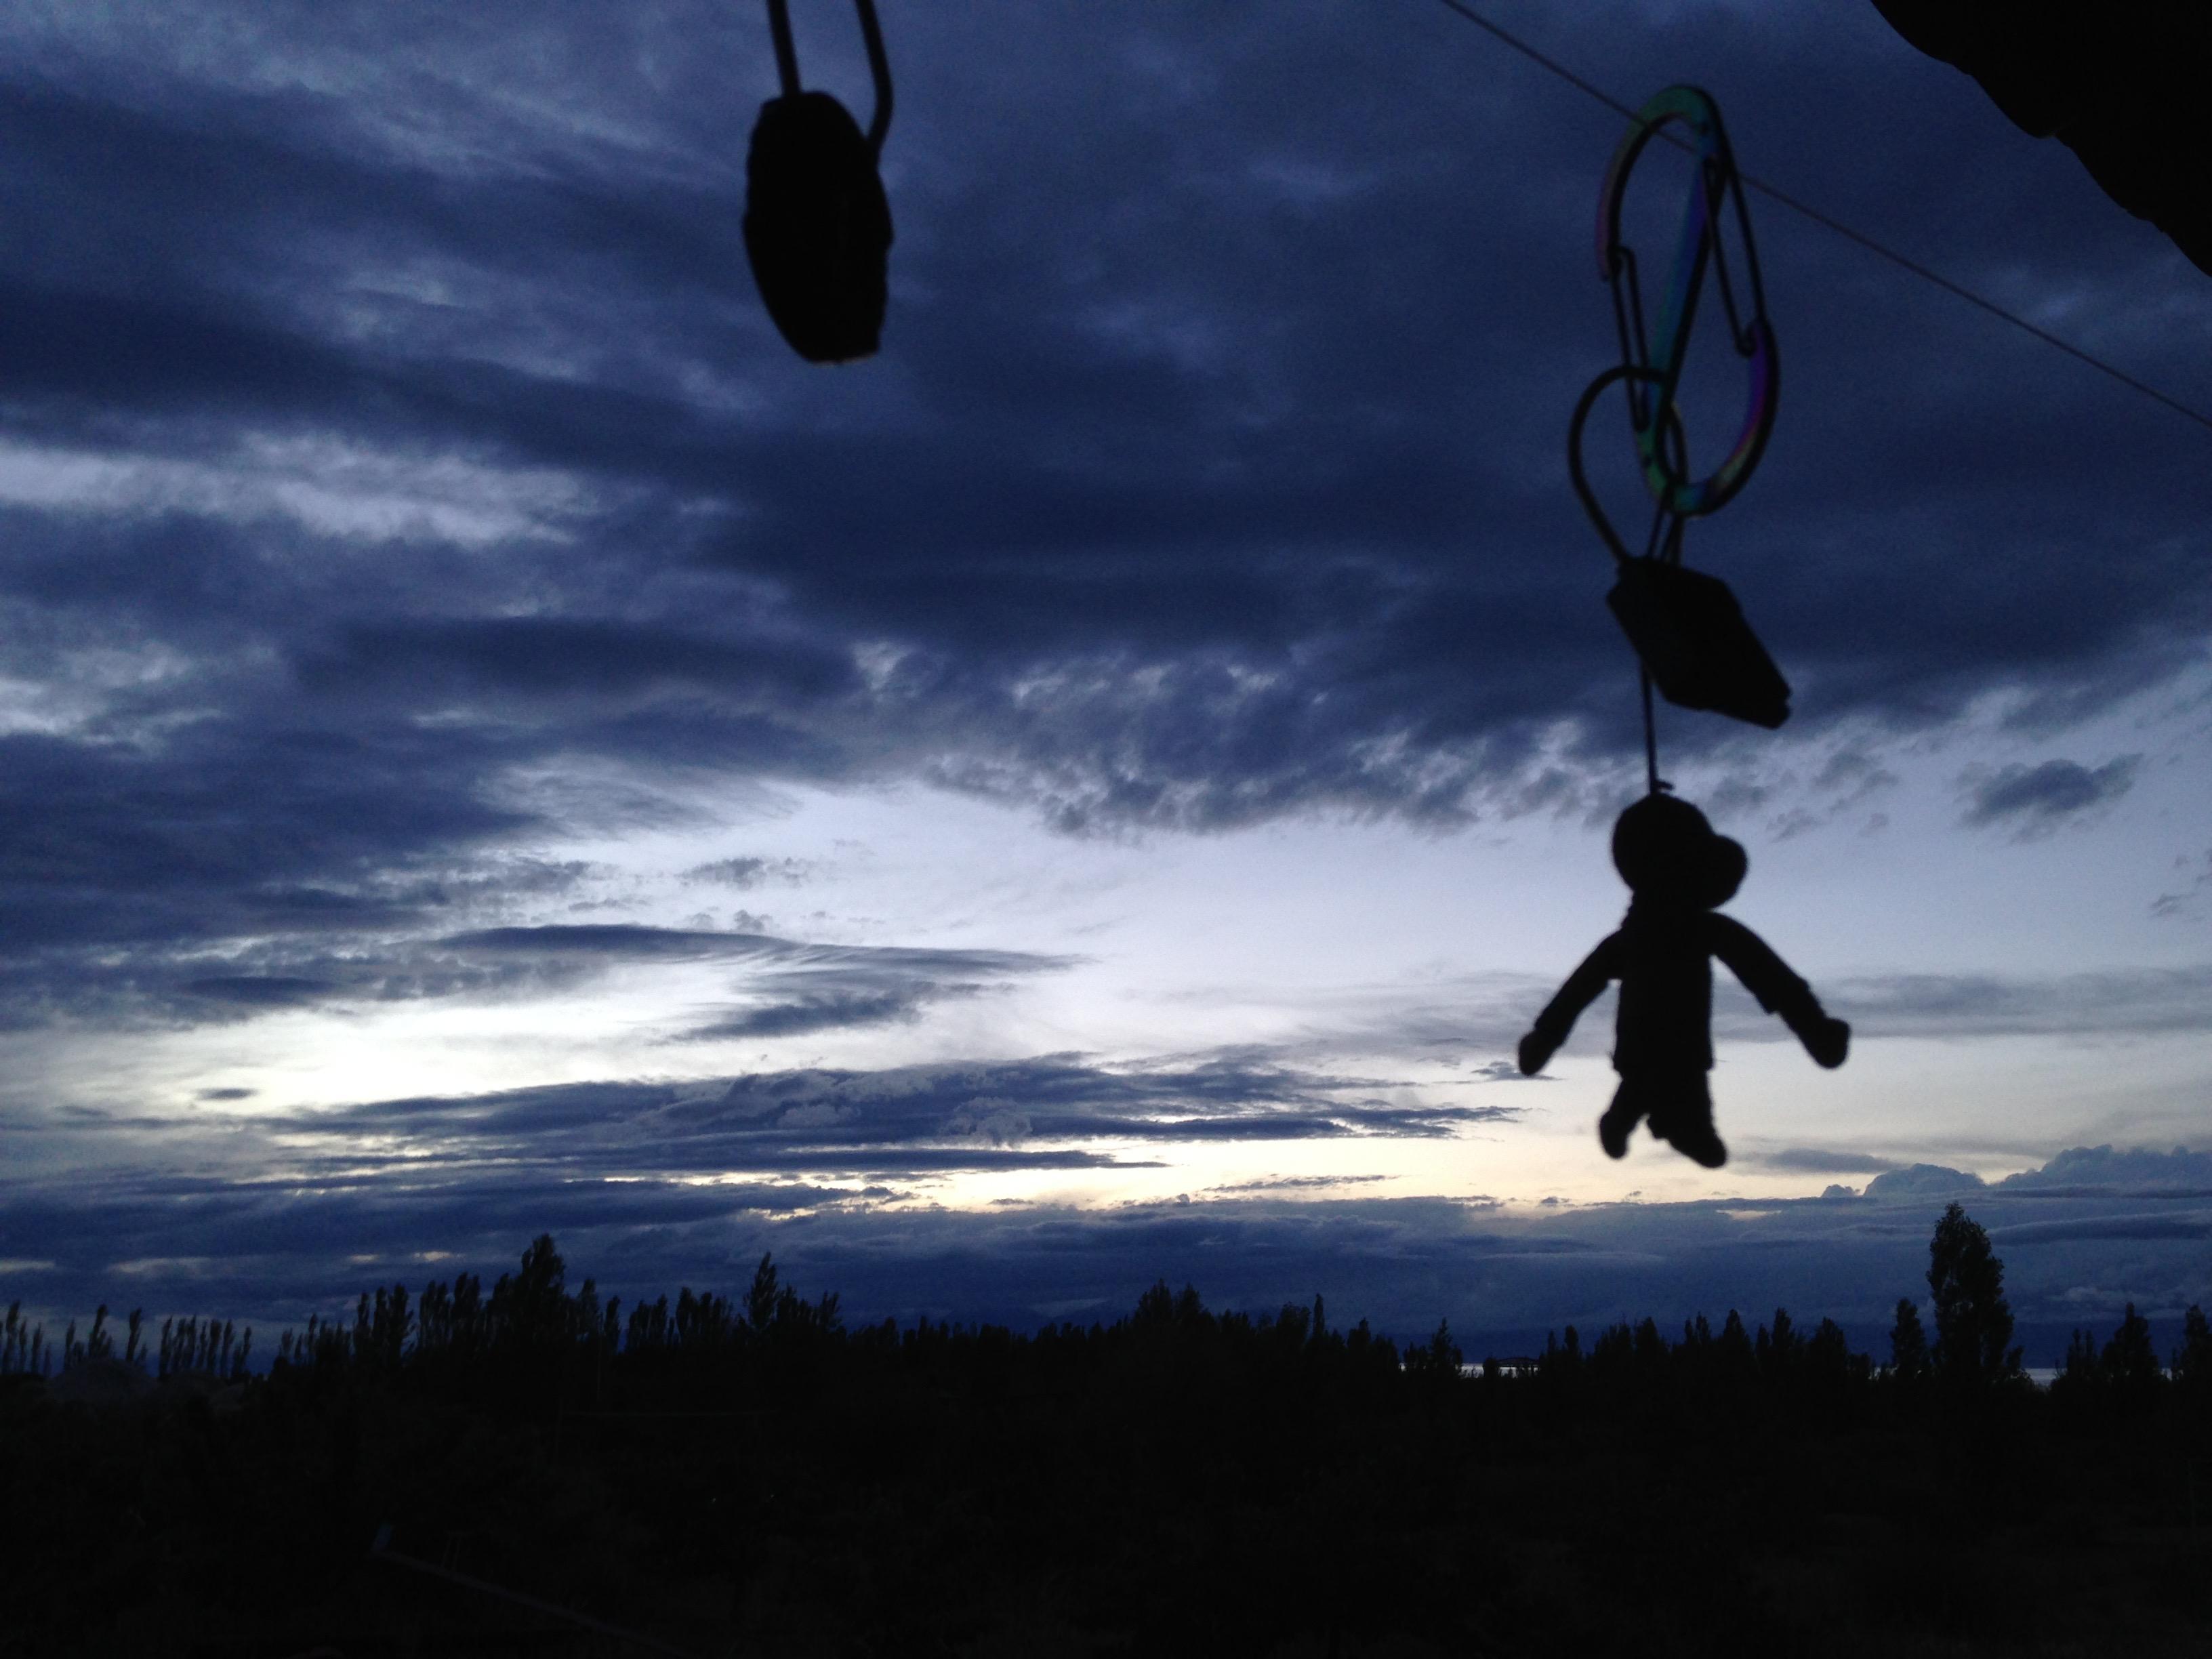 トーソール,イシククル,キルギス,世界一周,旅,ブログ,オススメ,湖,宿,雰囲気